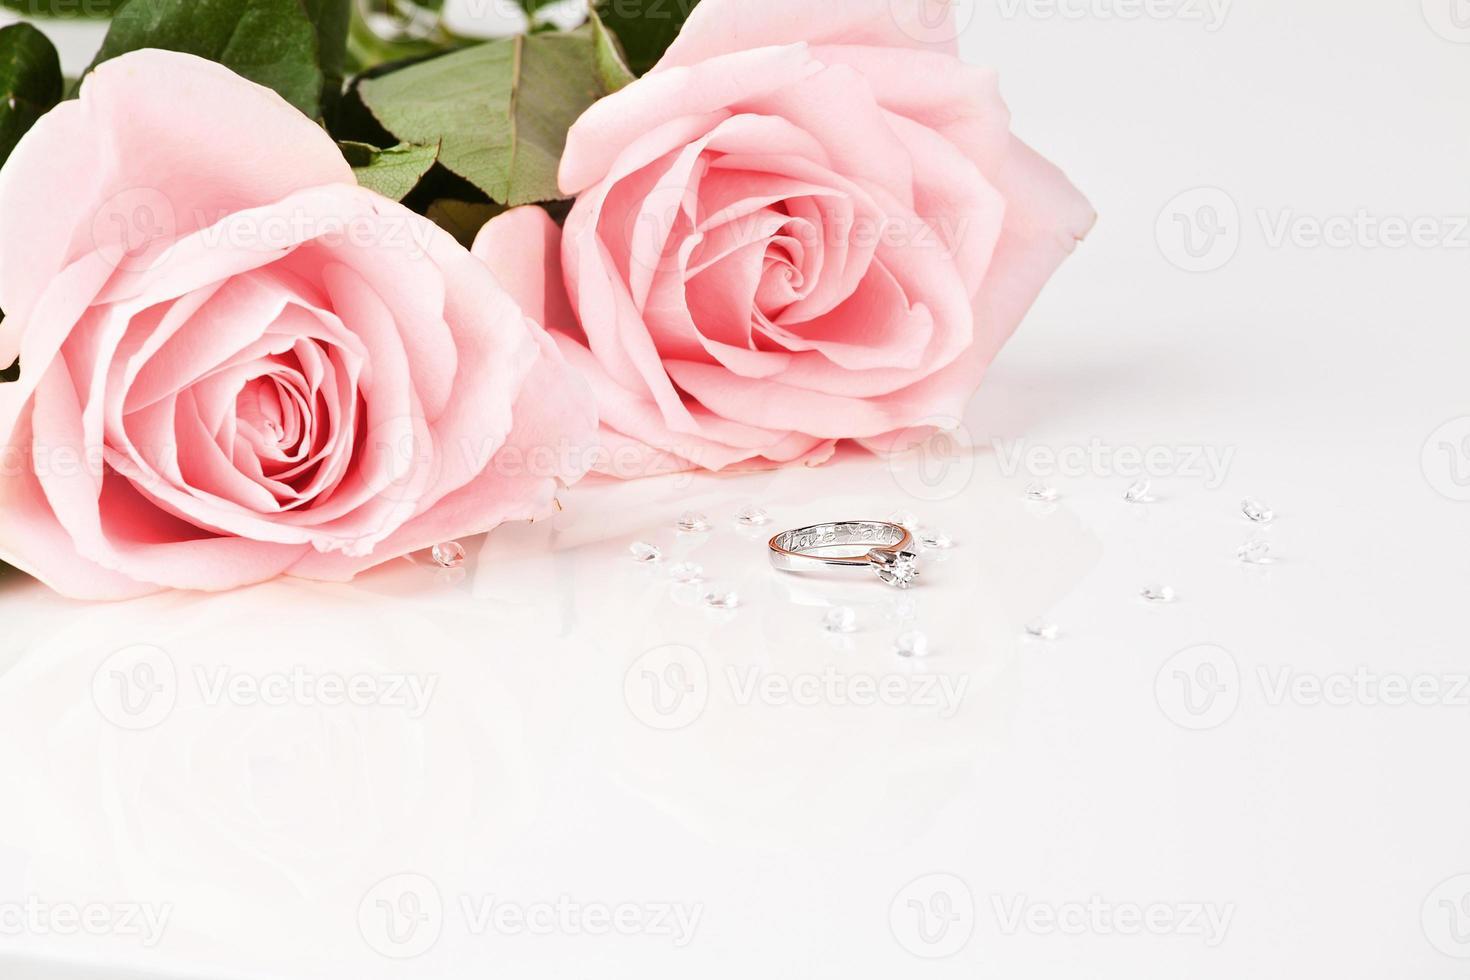 prachtige diamanten ring met roze rozen foto